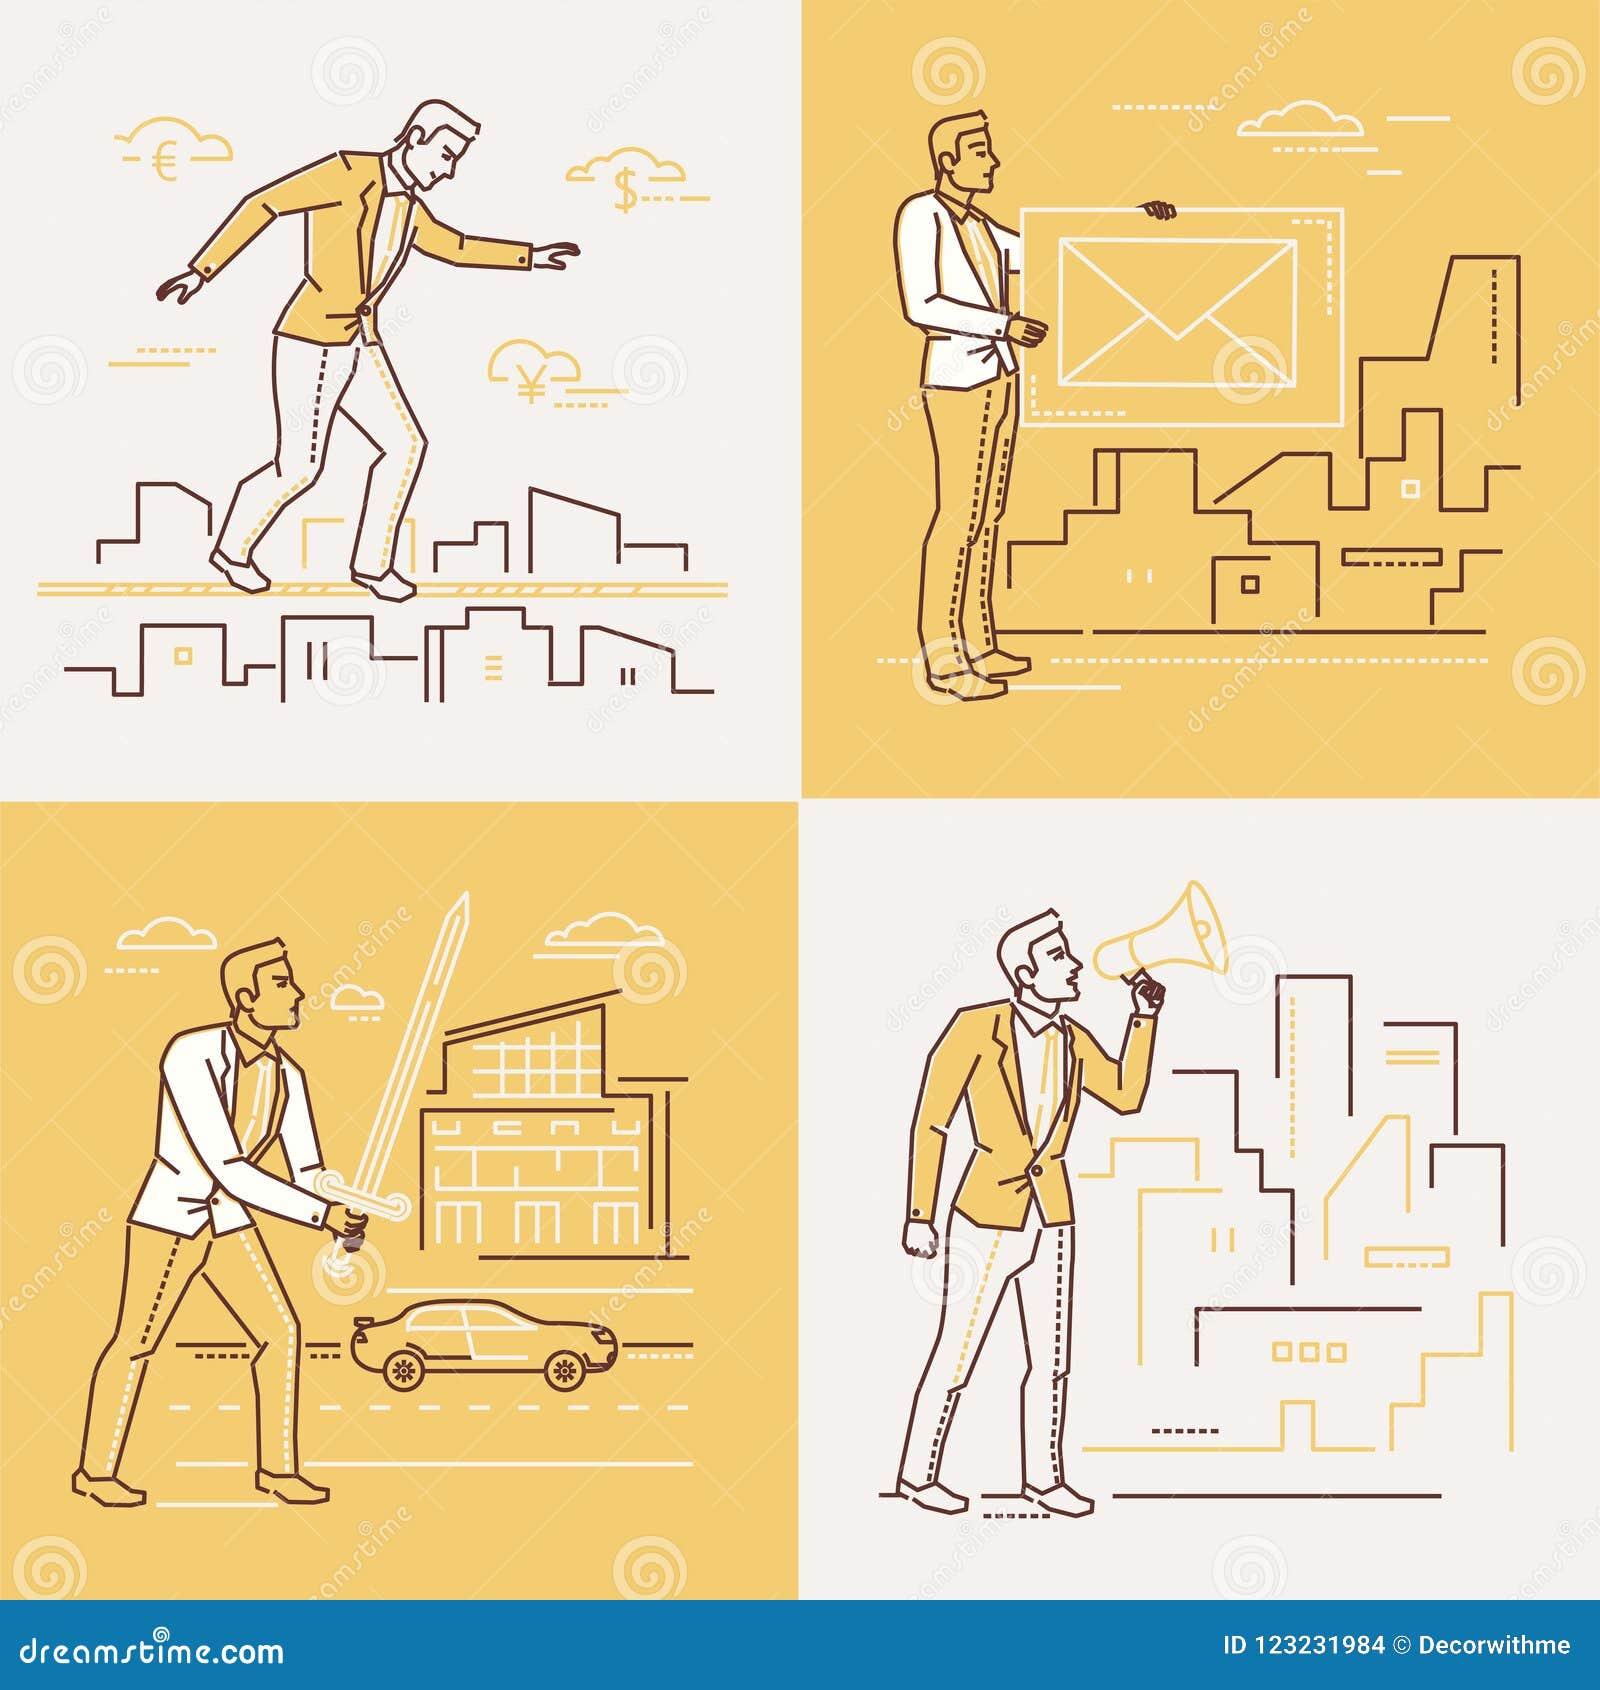 Επιχειρησιακές καταστάσεις - σύνολο απεικονίσεων ύφους σχεδίου γραμμών